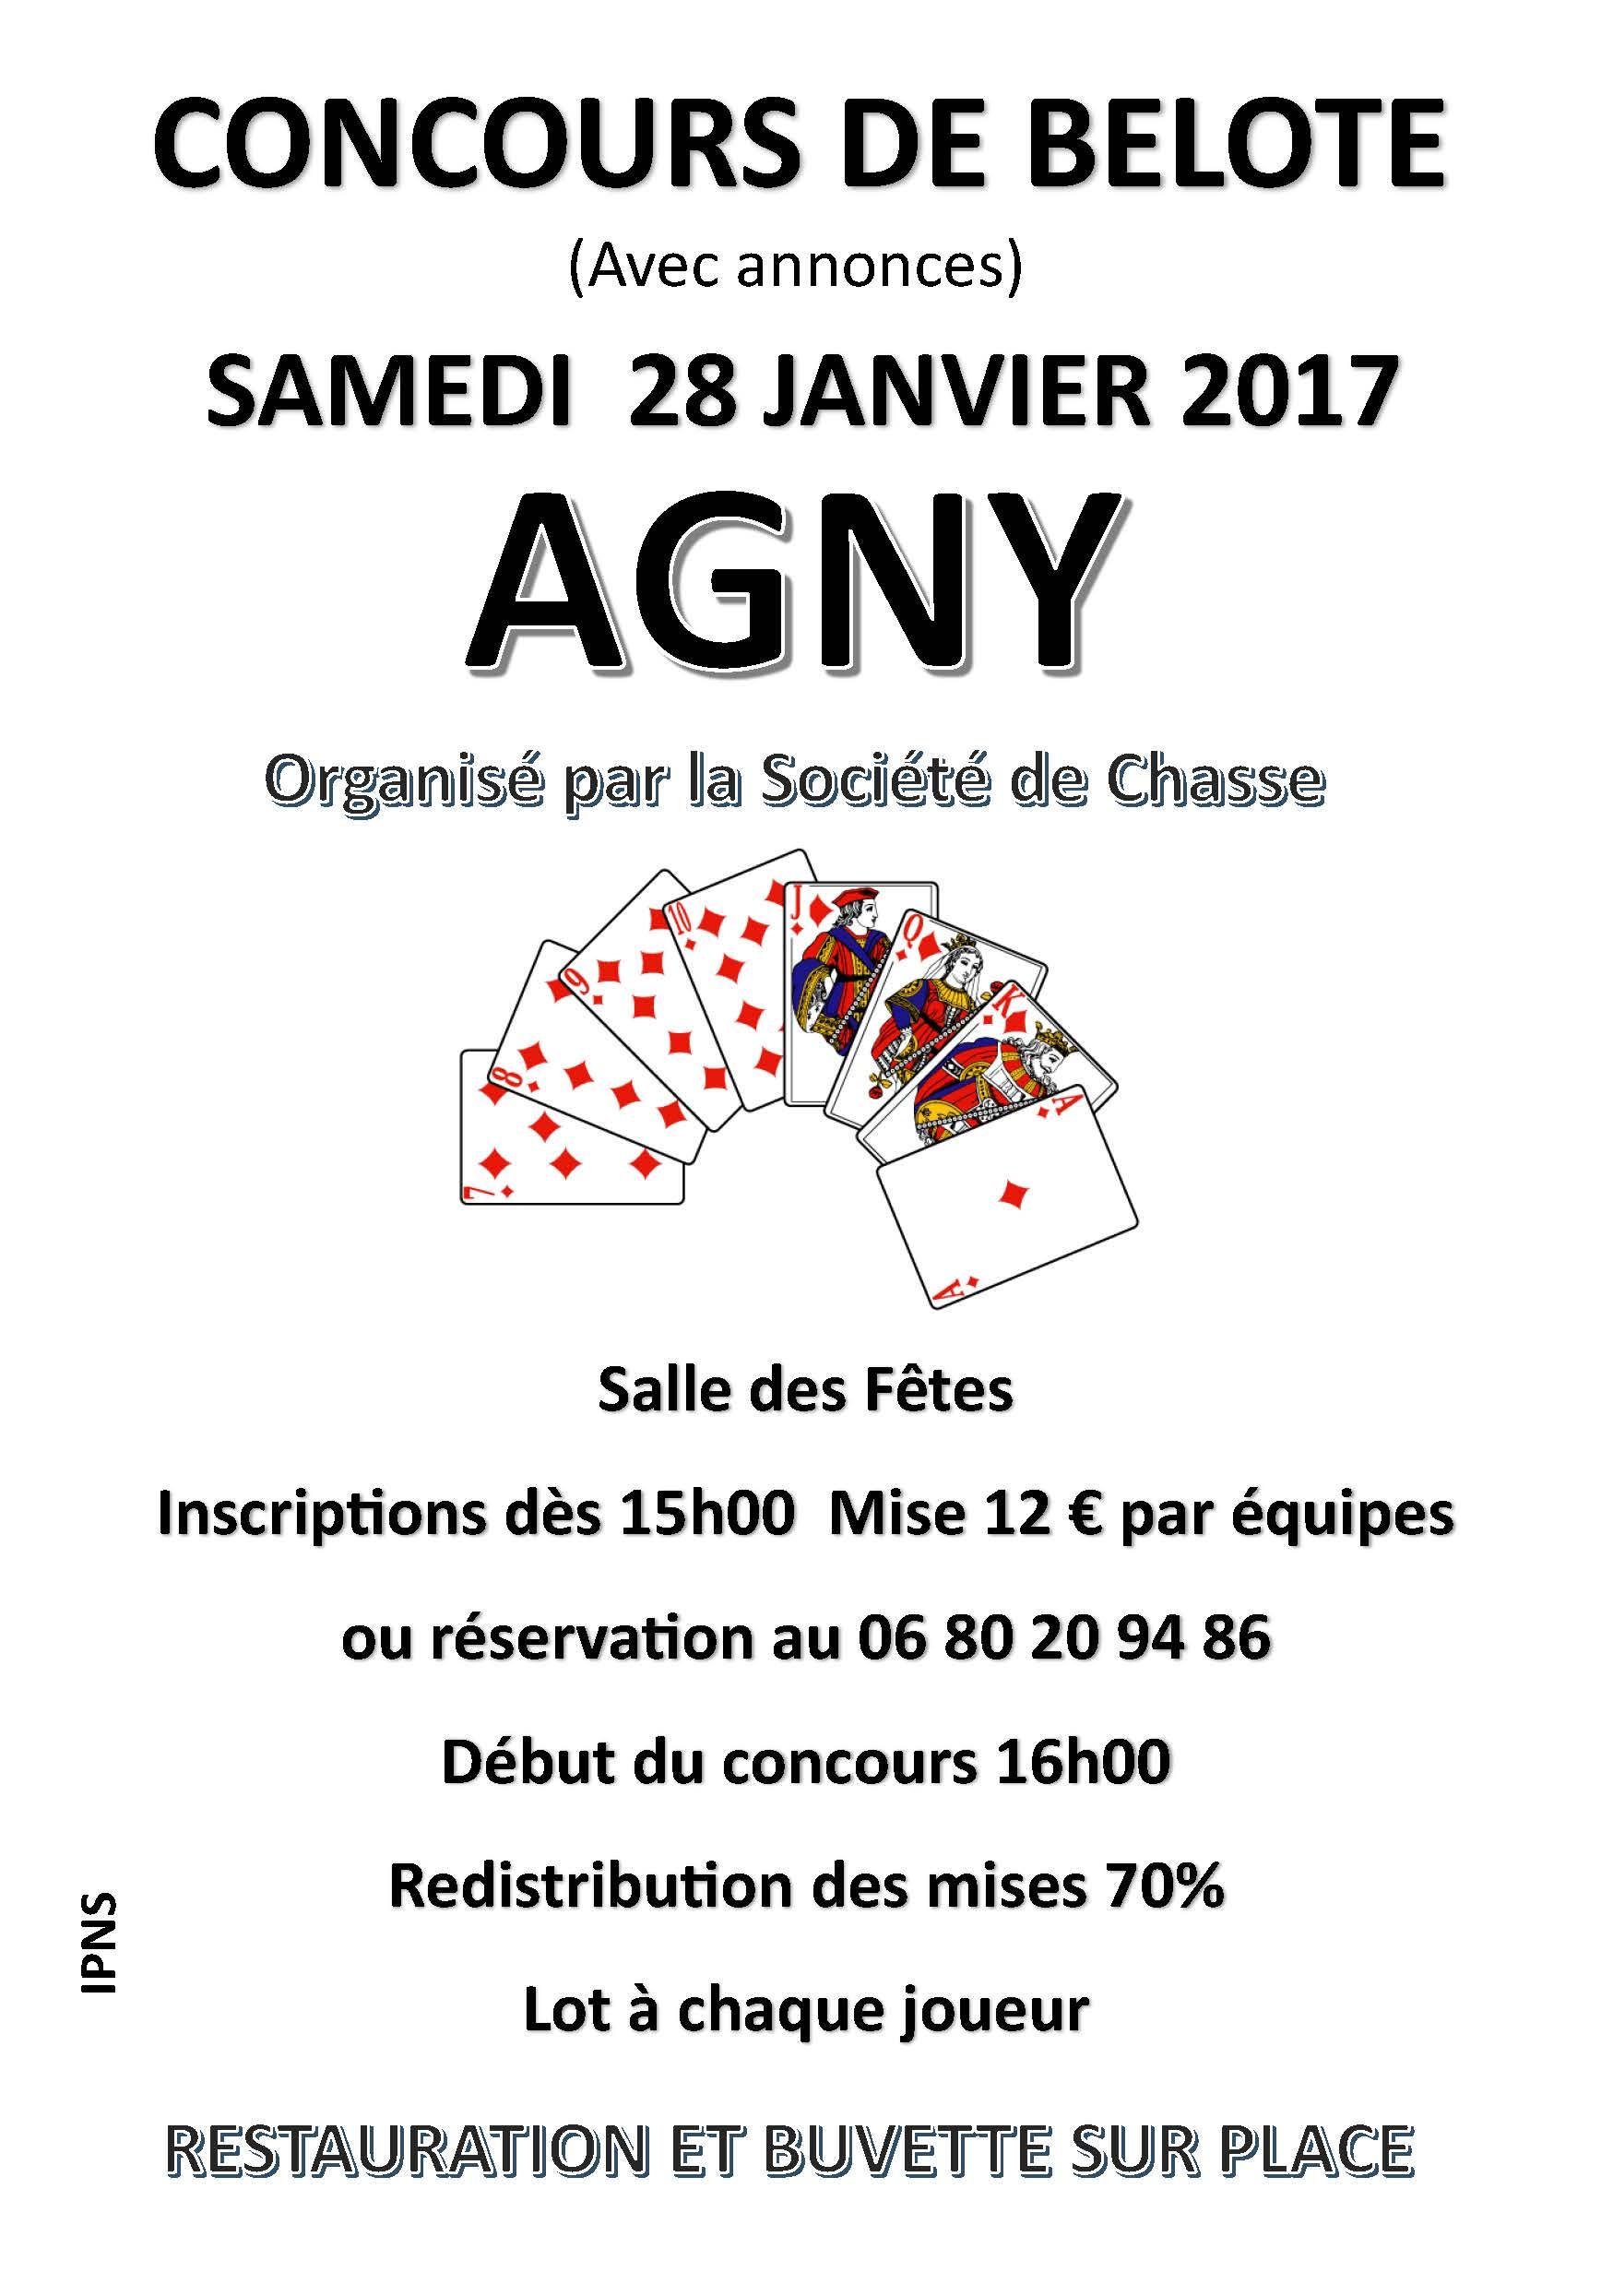 Affiche Concours de belote le Samedi 28 Janvier 2017 à AGNY (62)